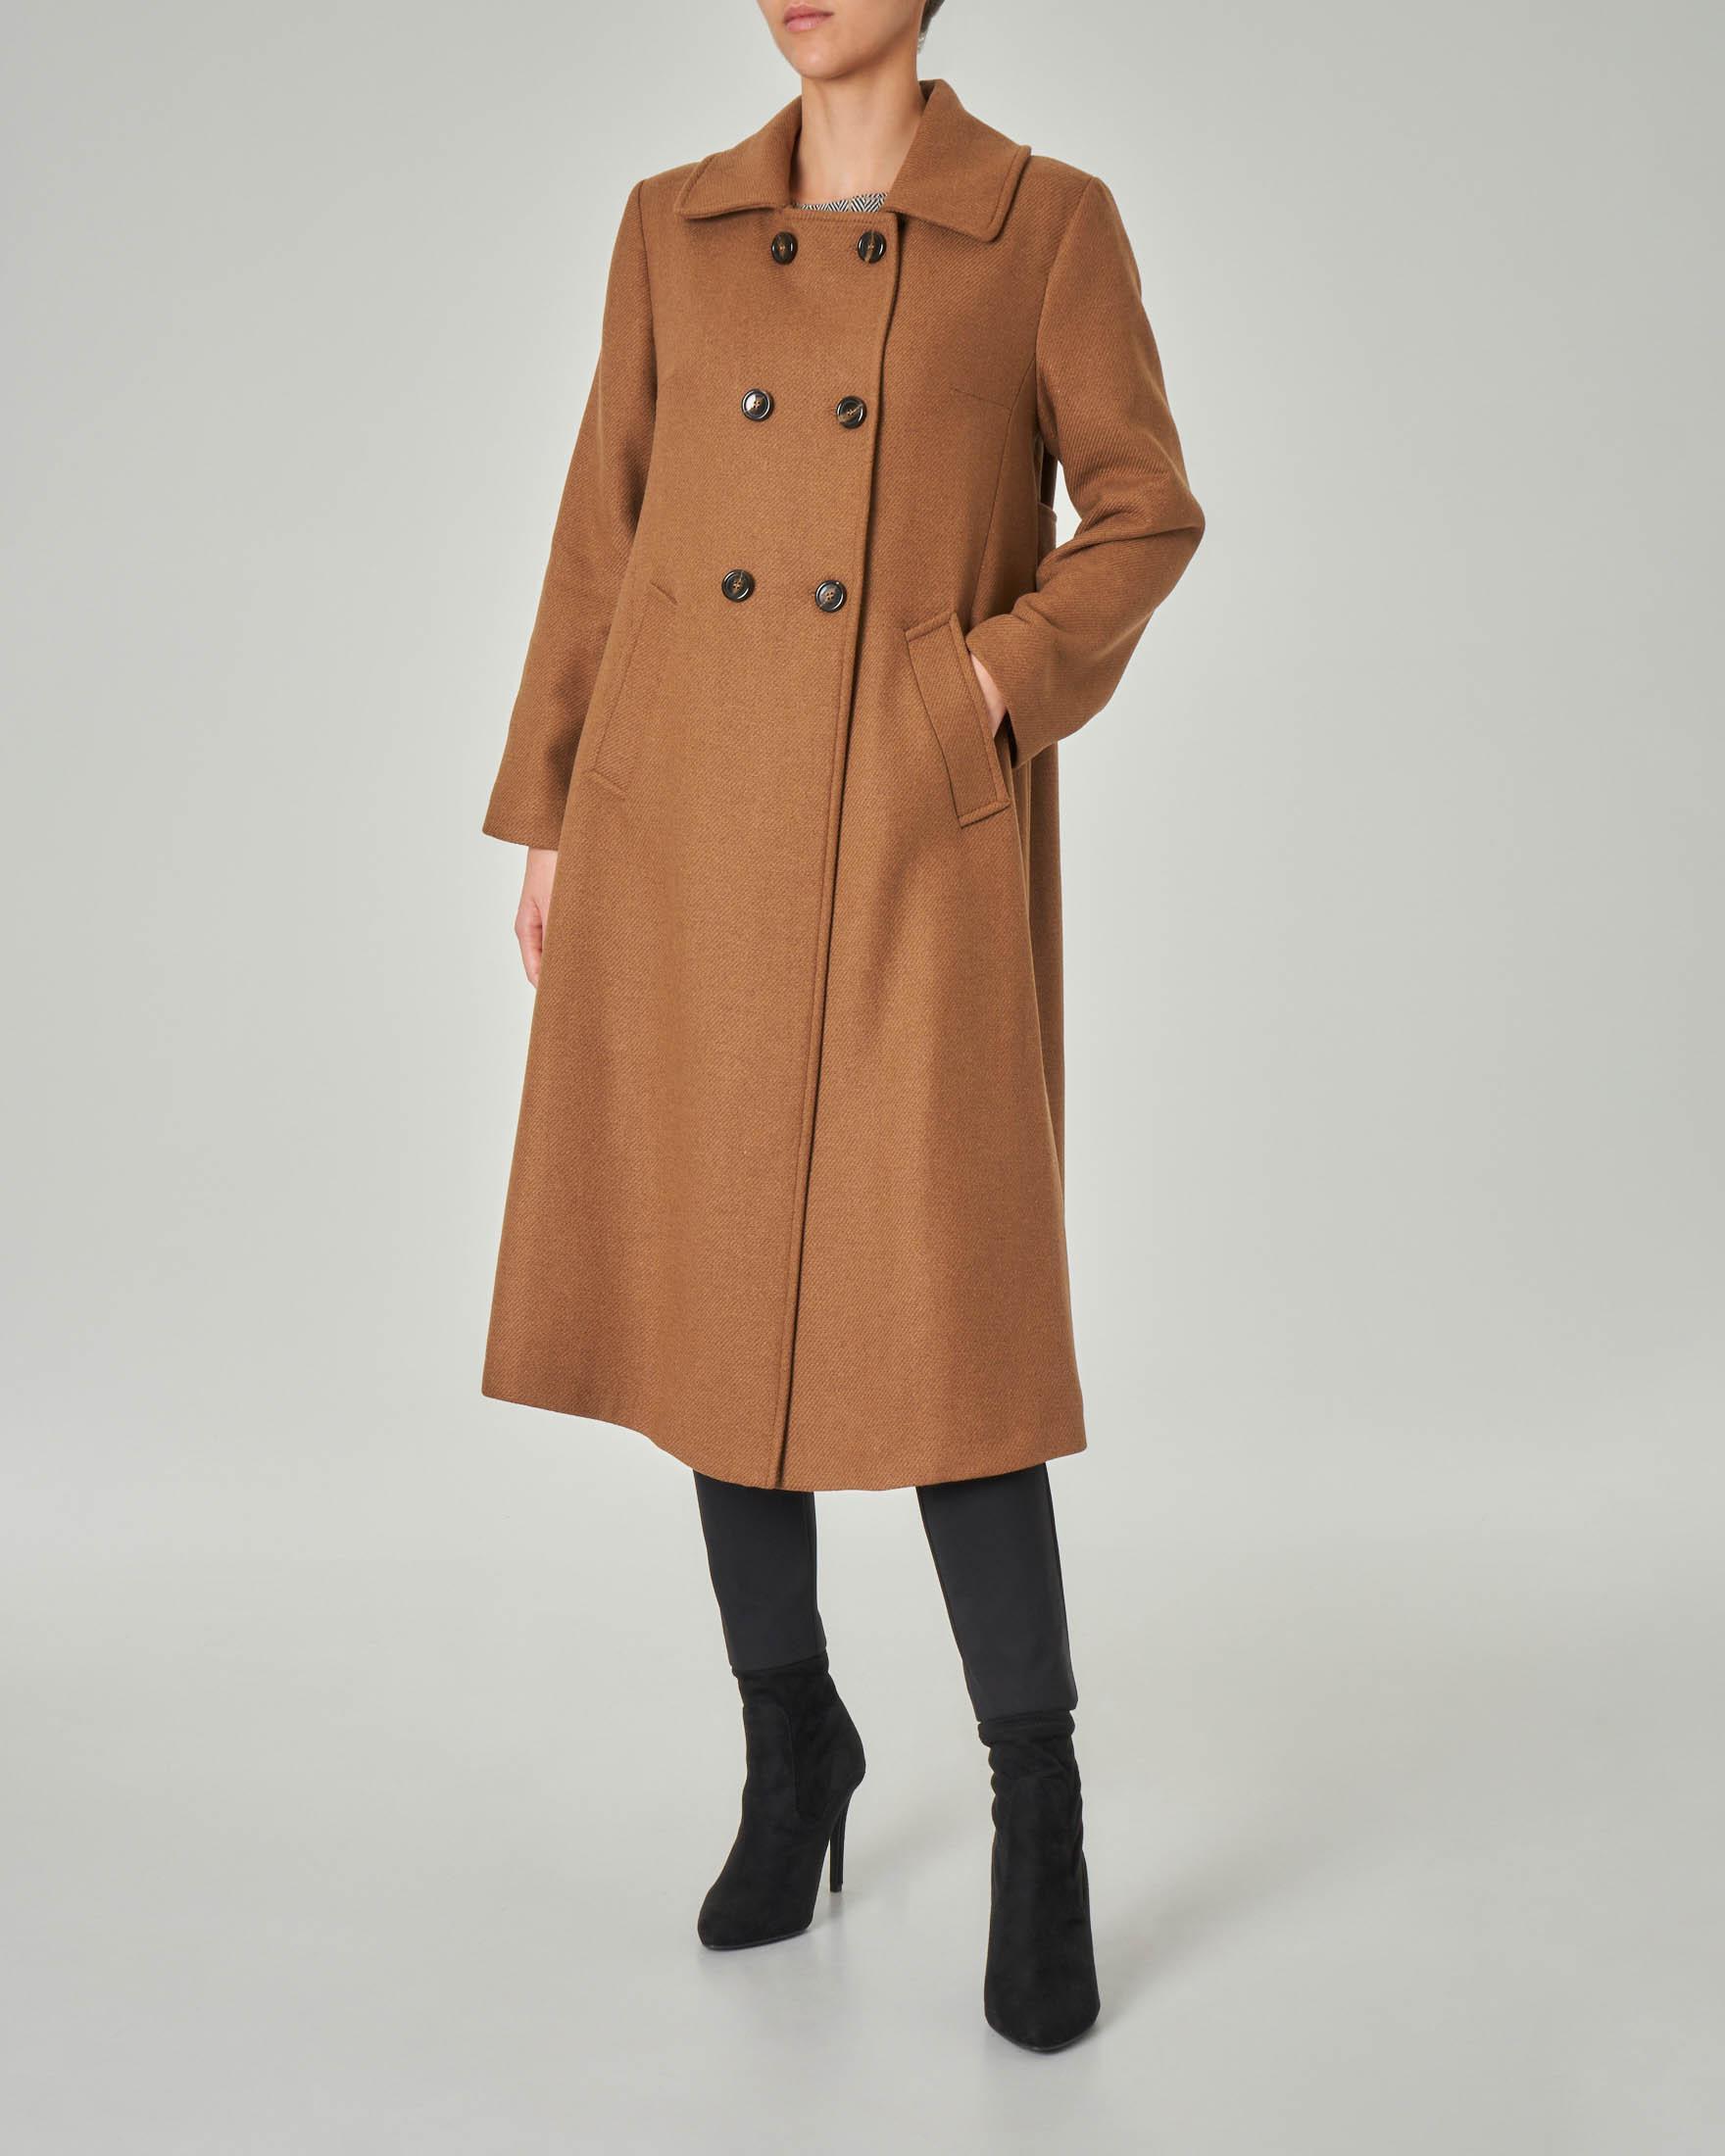 Cappotto color cammello doppiopetto in tessuto misto lana